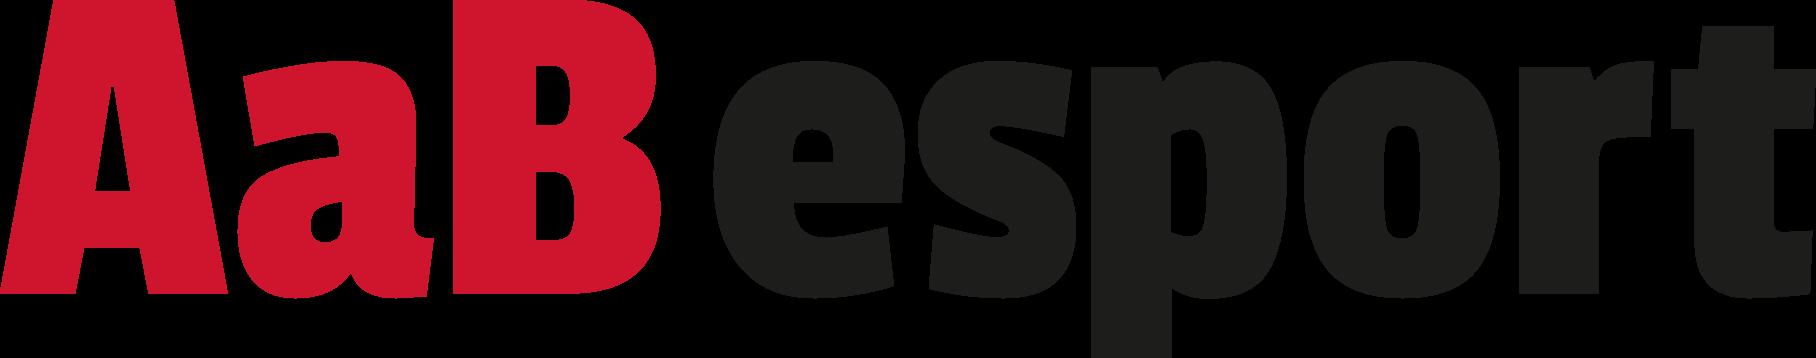 AaB esport logo